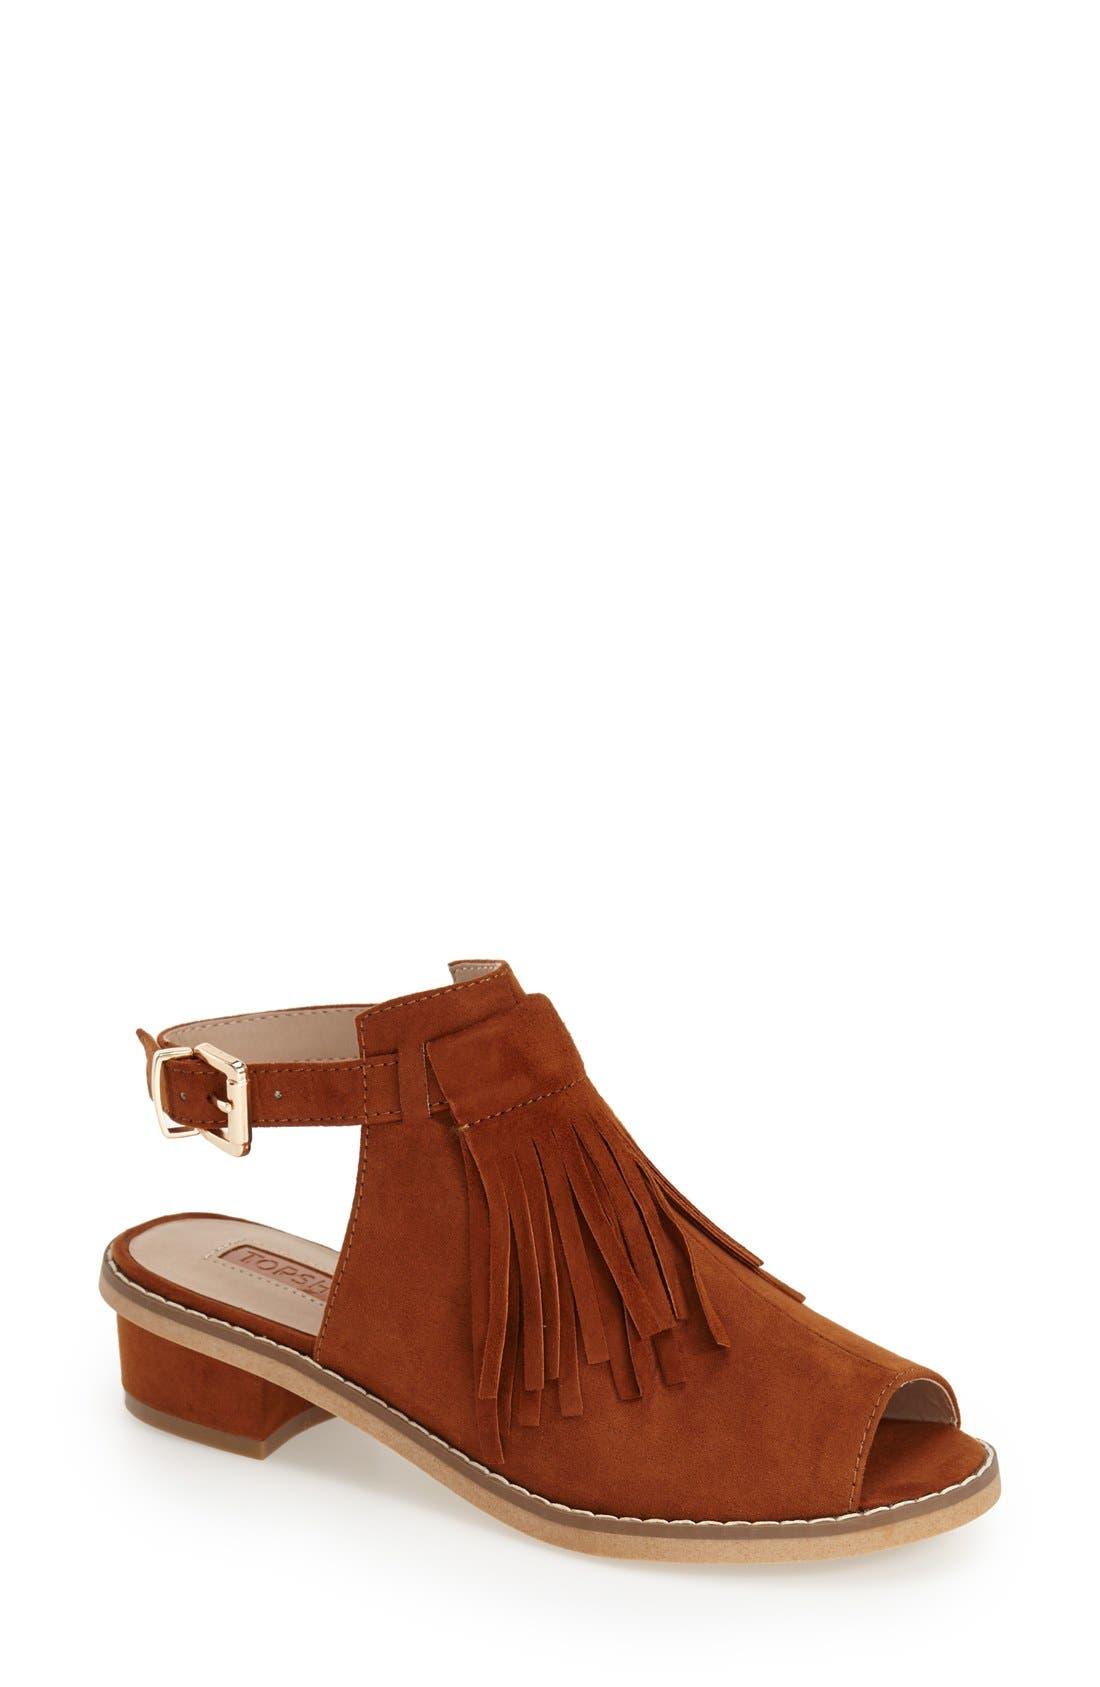 'Blinder' Fringe Sandal,                         Main,                         color, Tan